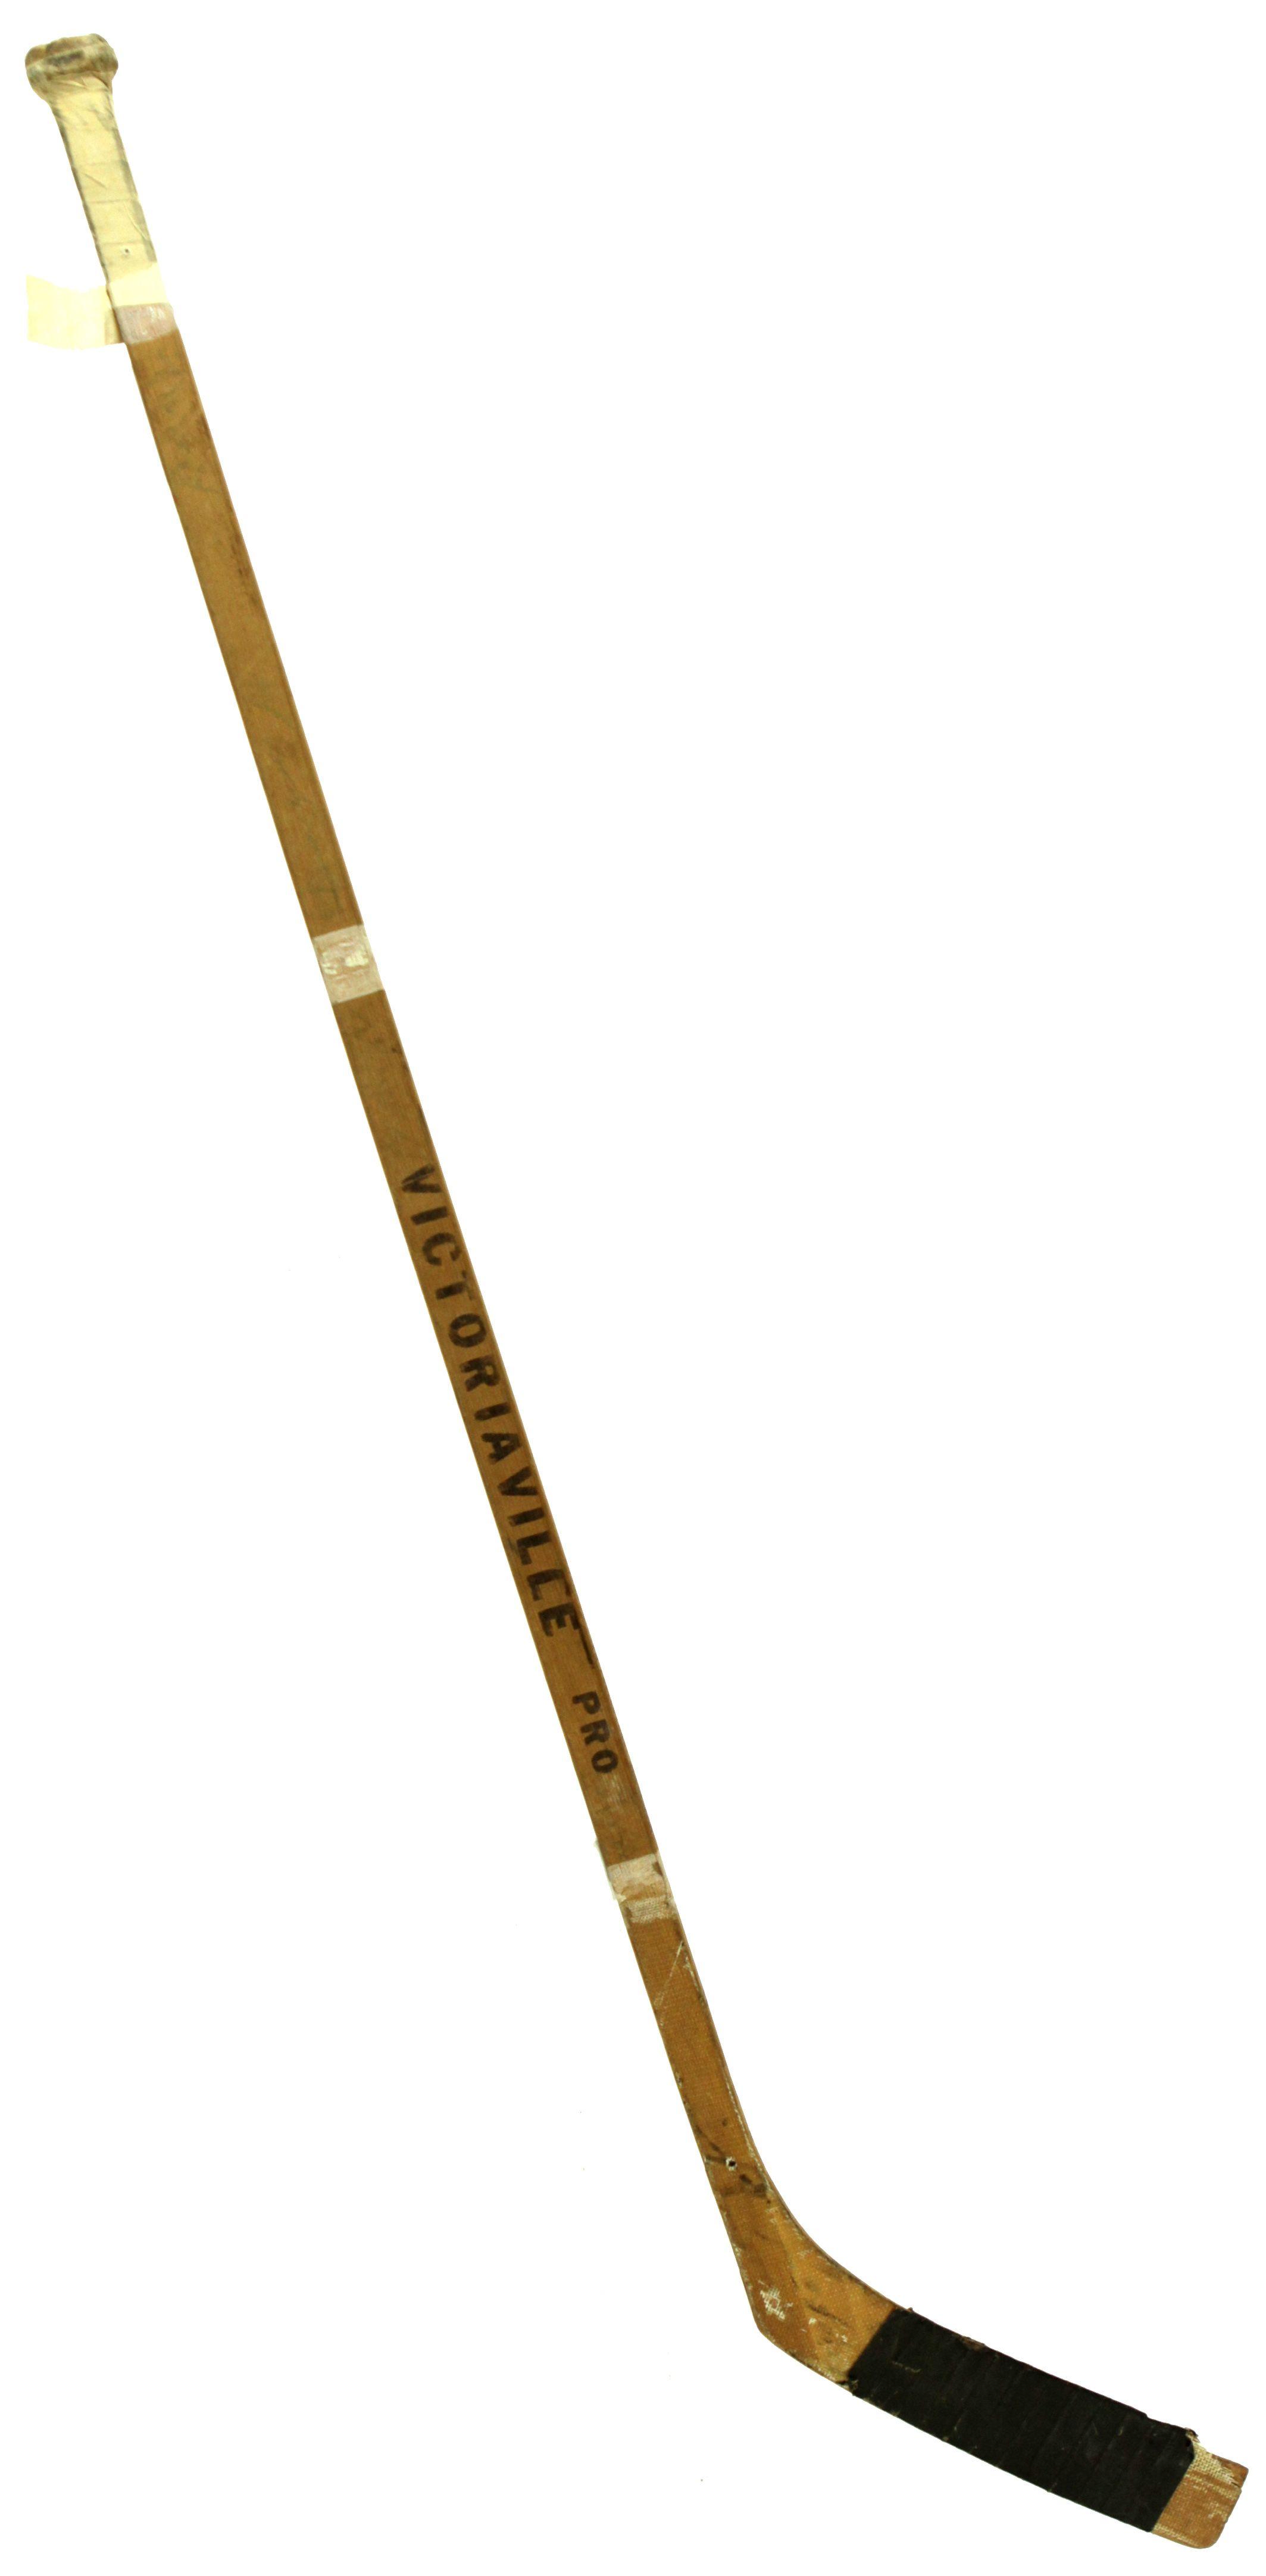 Dan Maloney's Hockey Stick